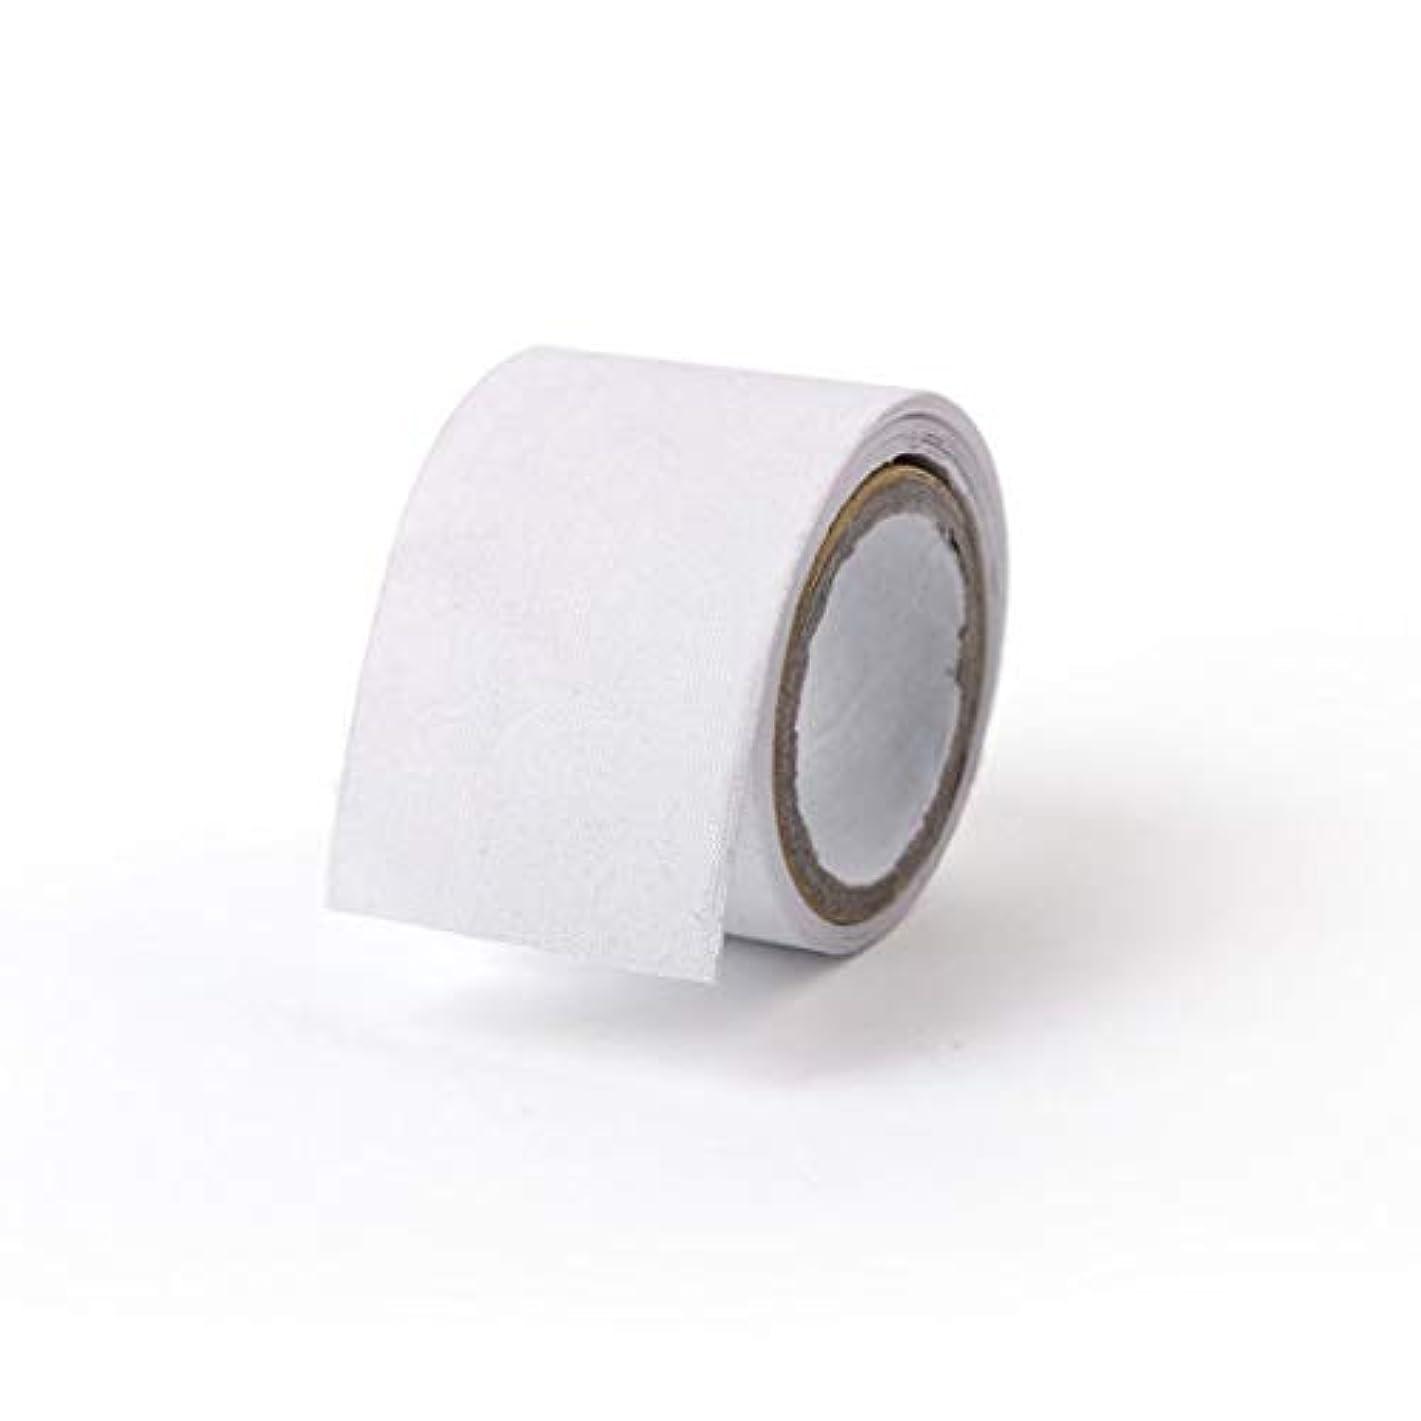 もしトランクライブラリクマノミ1st market マニキュアシルクネイルラップネイルアートセルフスティックツールは白1ロールが含まれています丈夫で便利